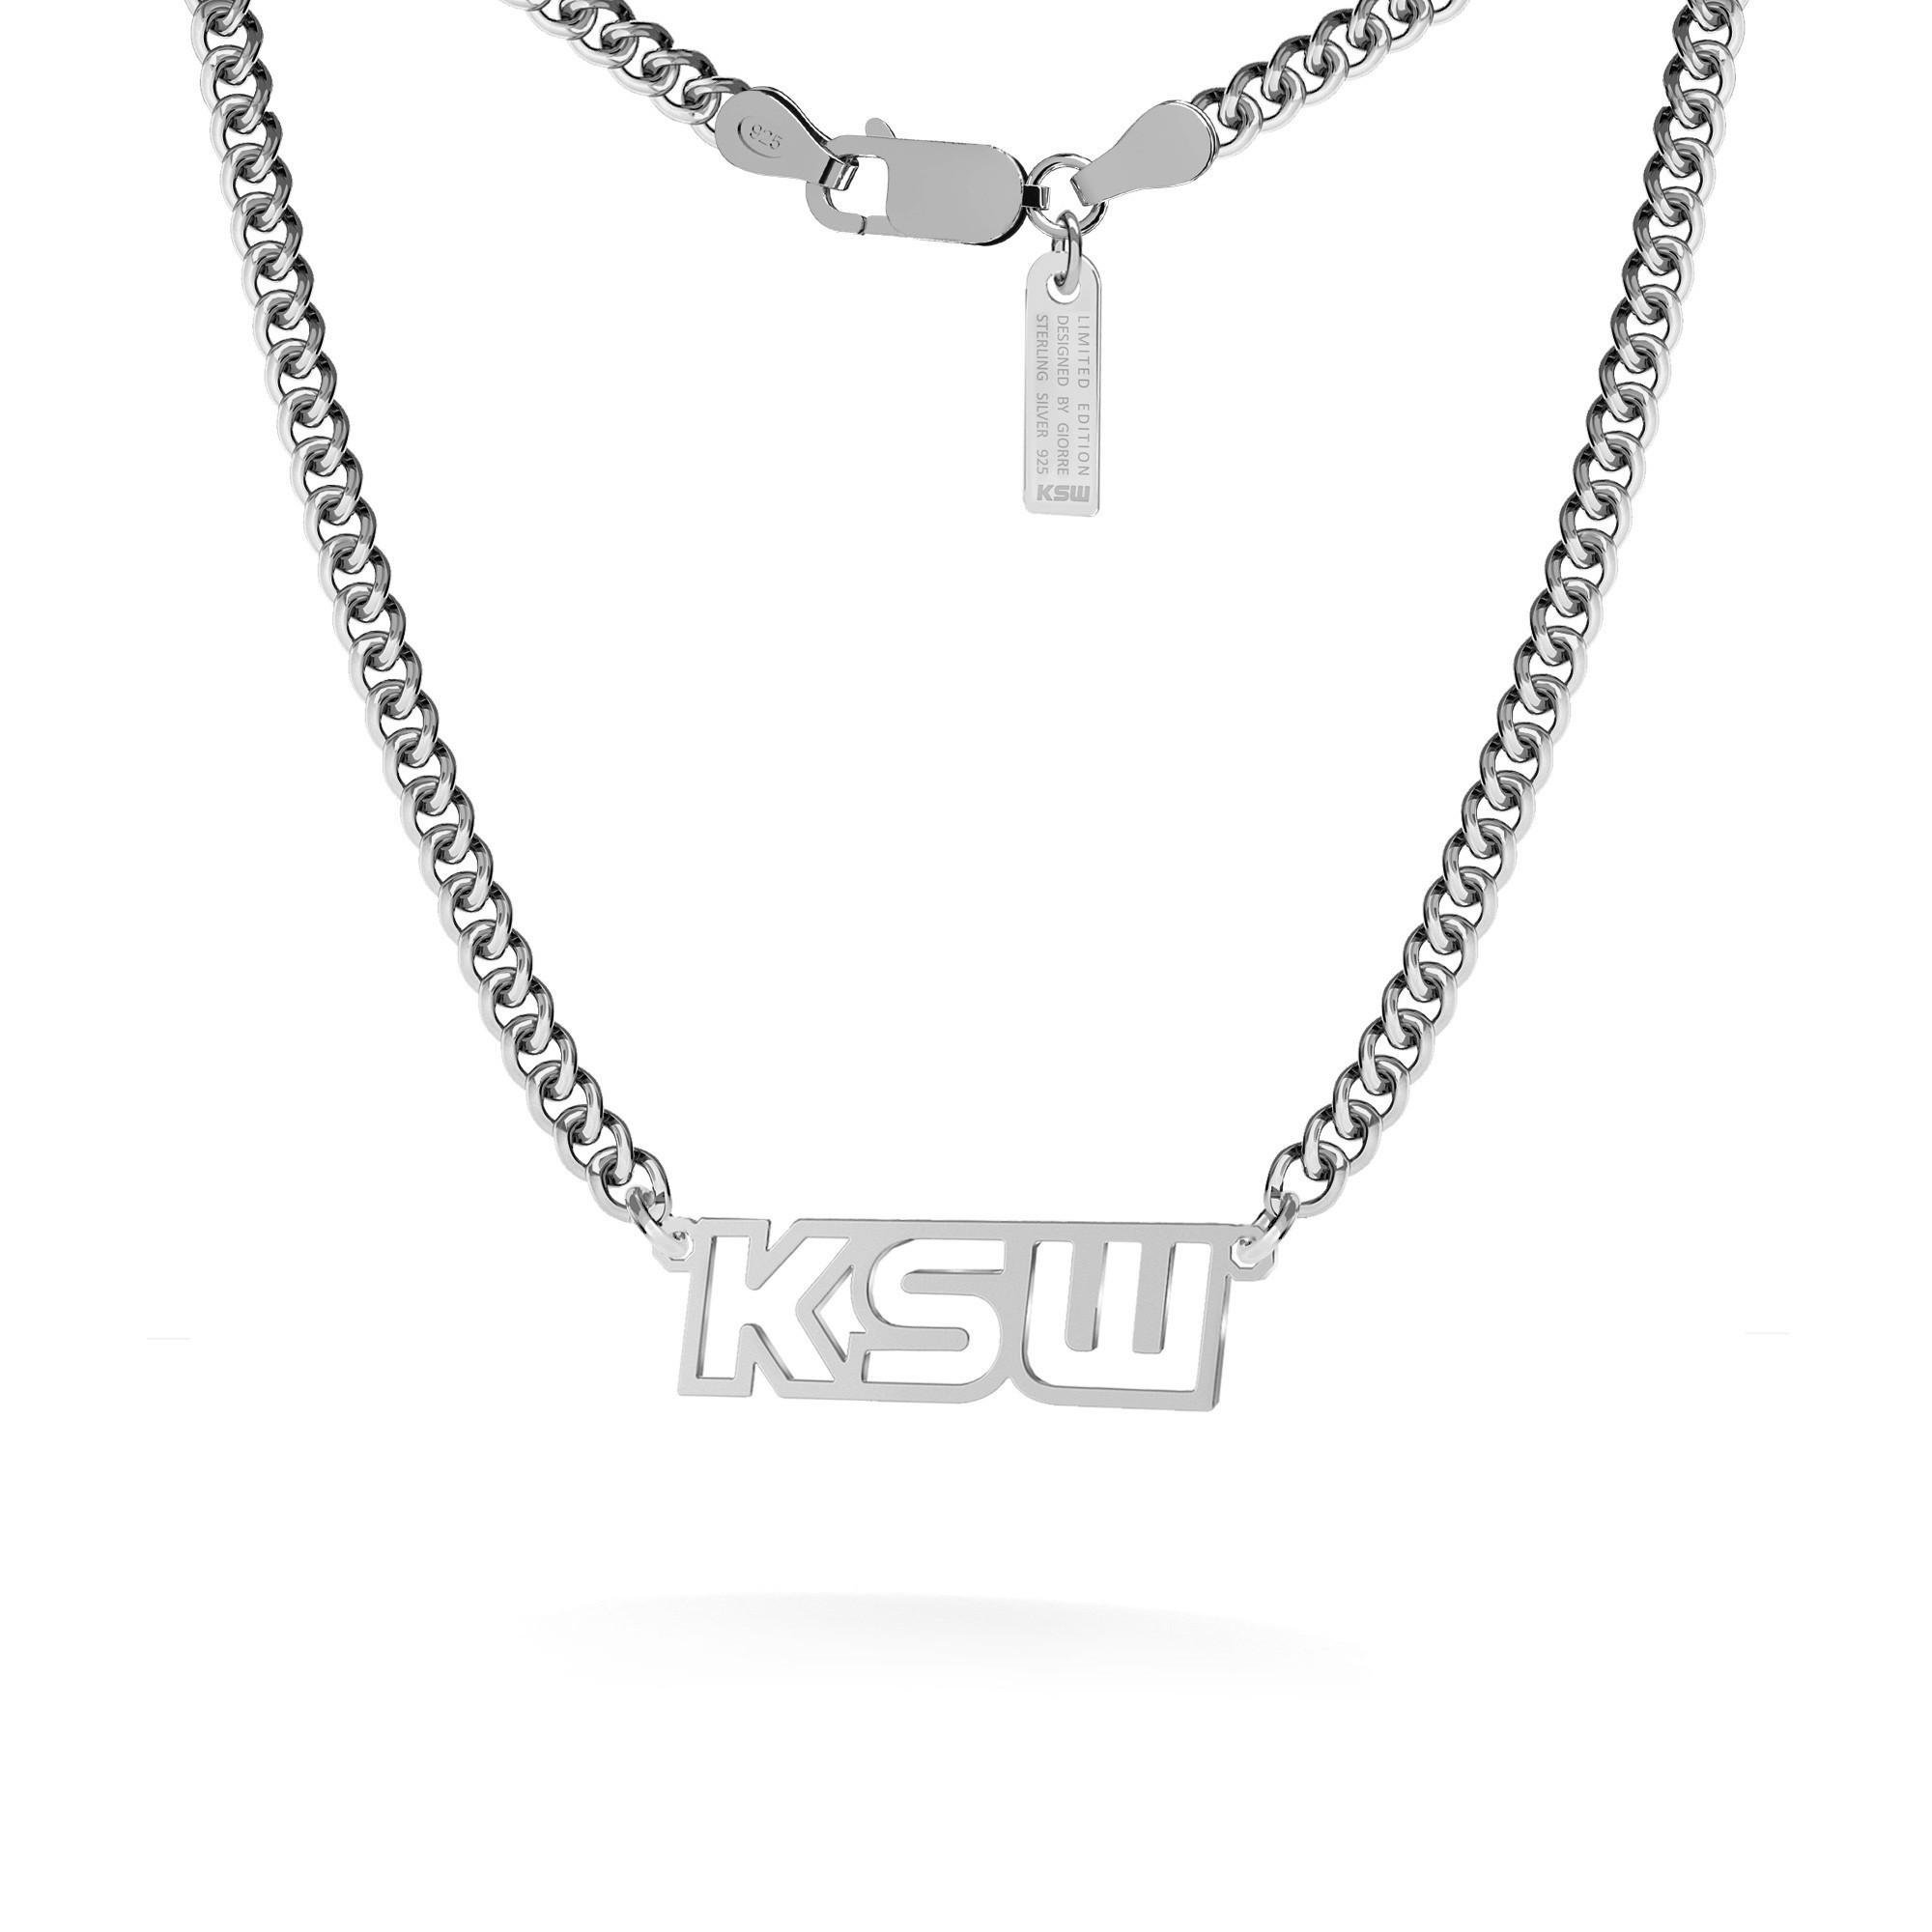 Naszyjnik z napisem KSW, łańcuch dmuchana pancerka, srebro 925